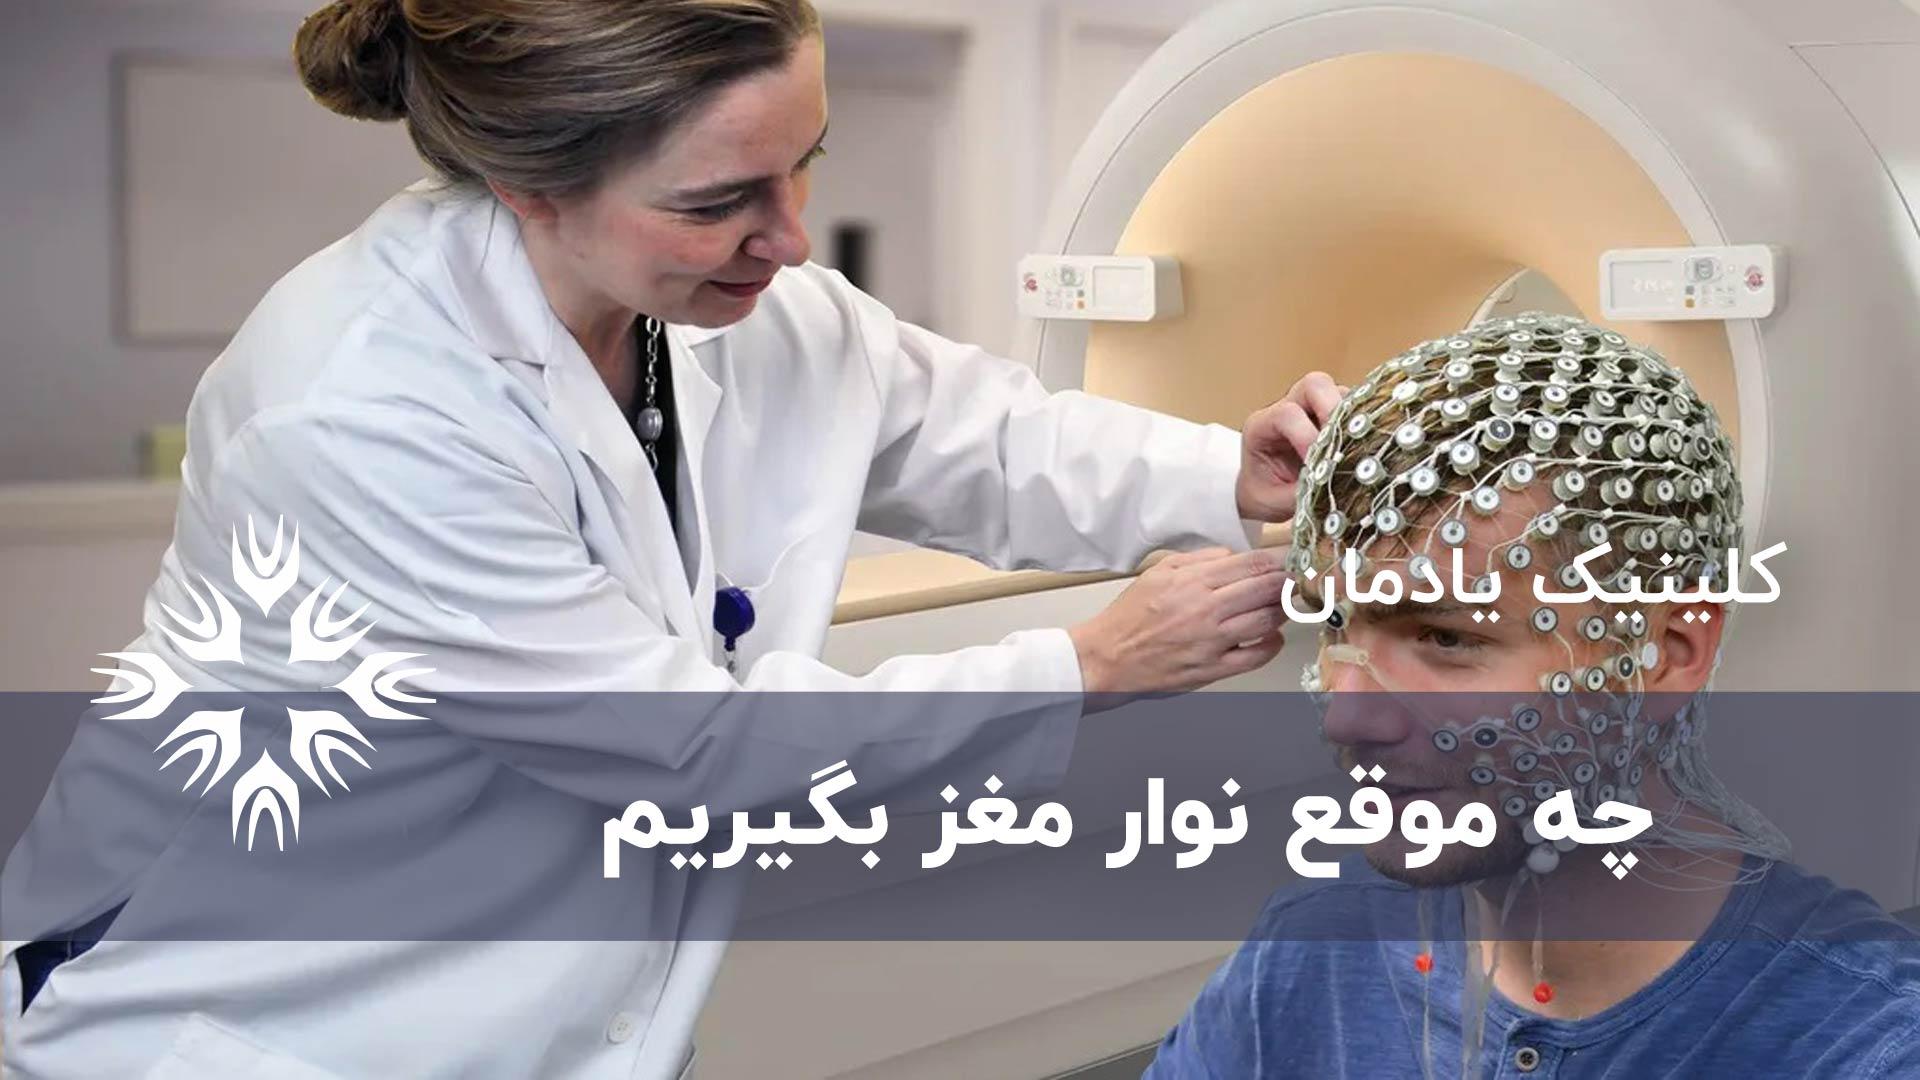 چه موقع نوار مغز بگیریم؟